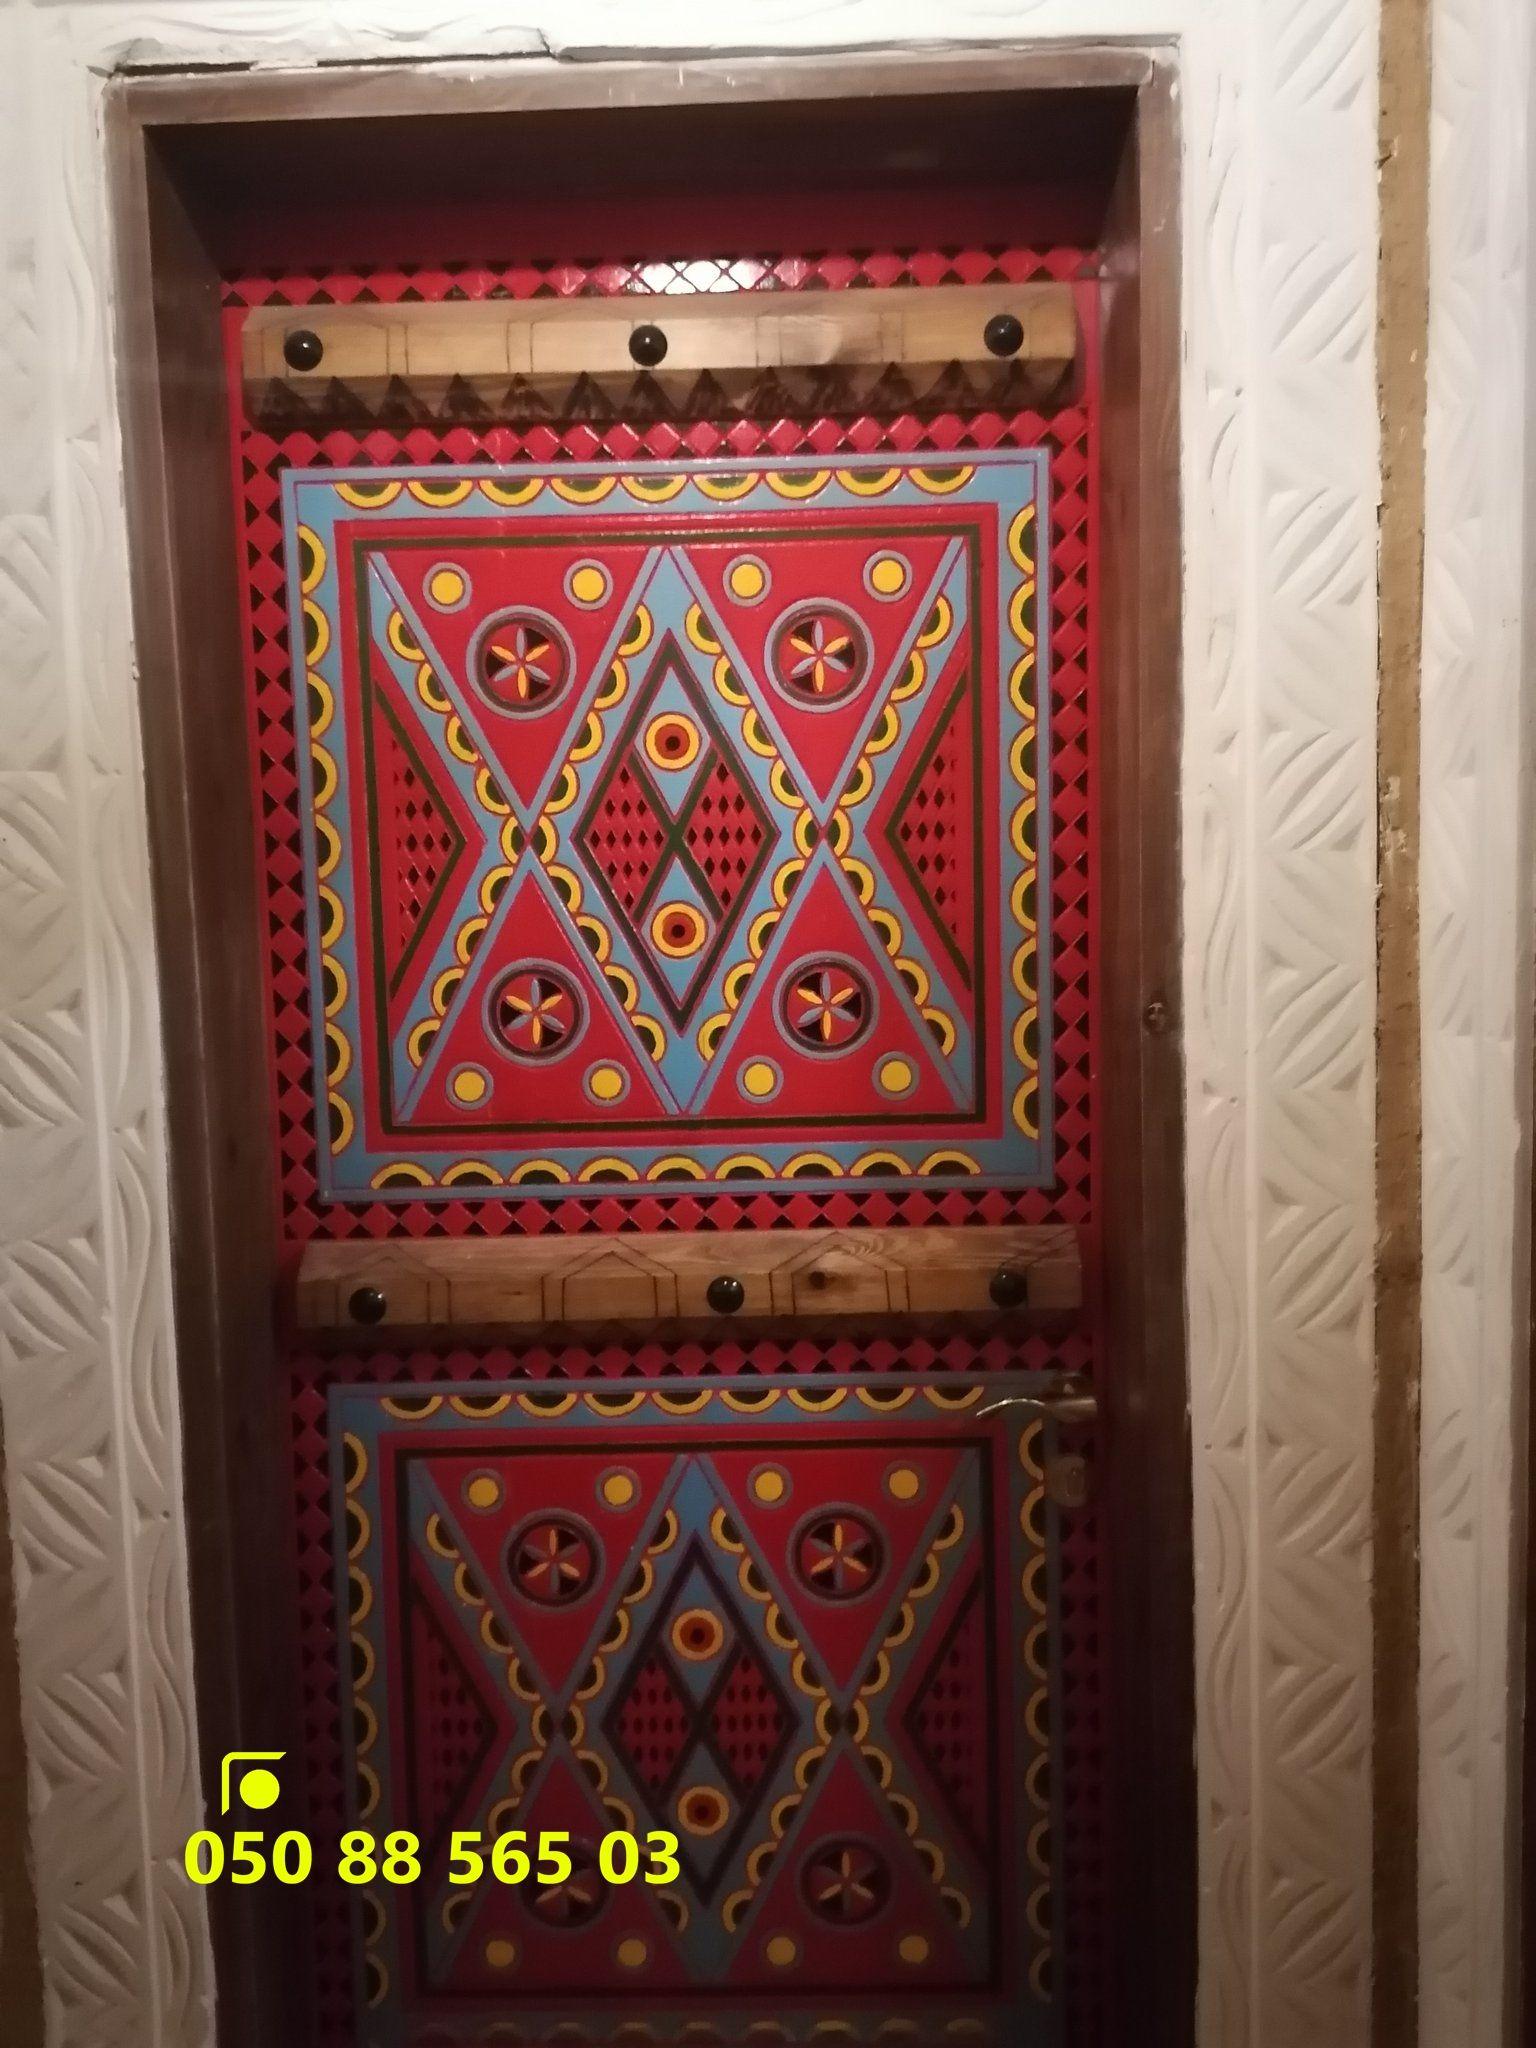 ديكور باب تراثي Decor Home Decor Furniture